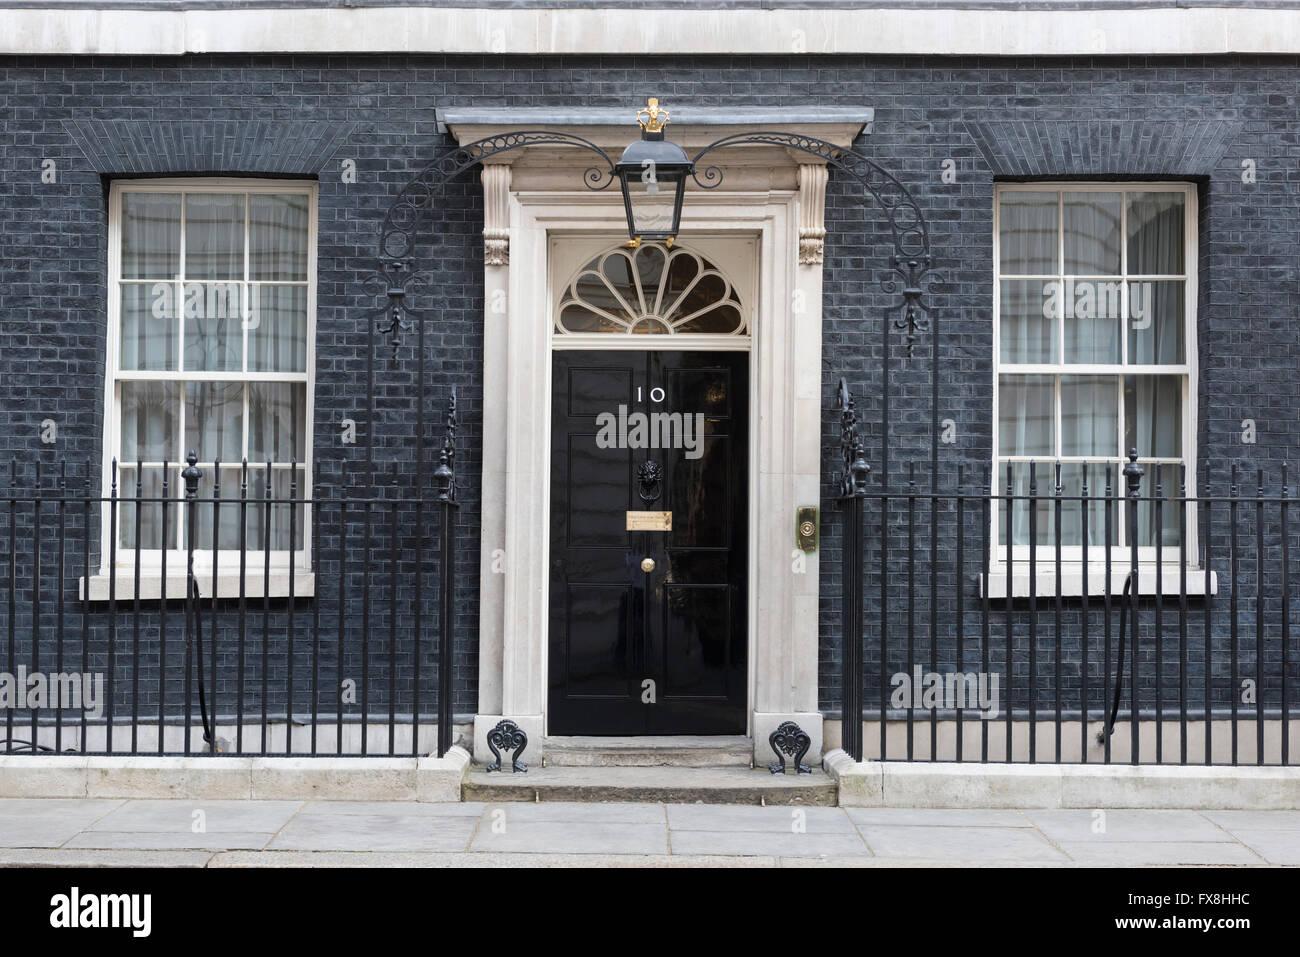 La porte avant fermée du numéro 10 Downing Street, Londres, Angleterre. C'est la résidence officielle Photo Stock